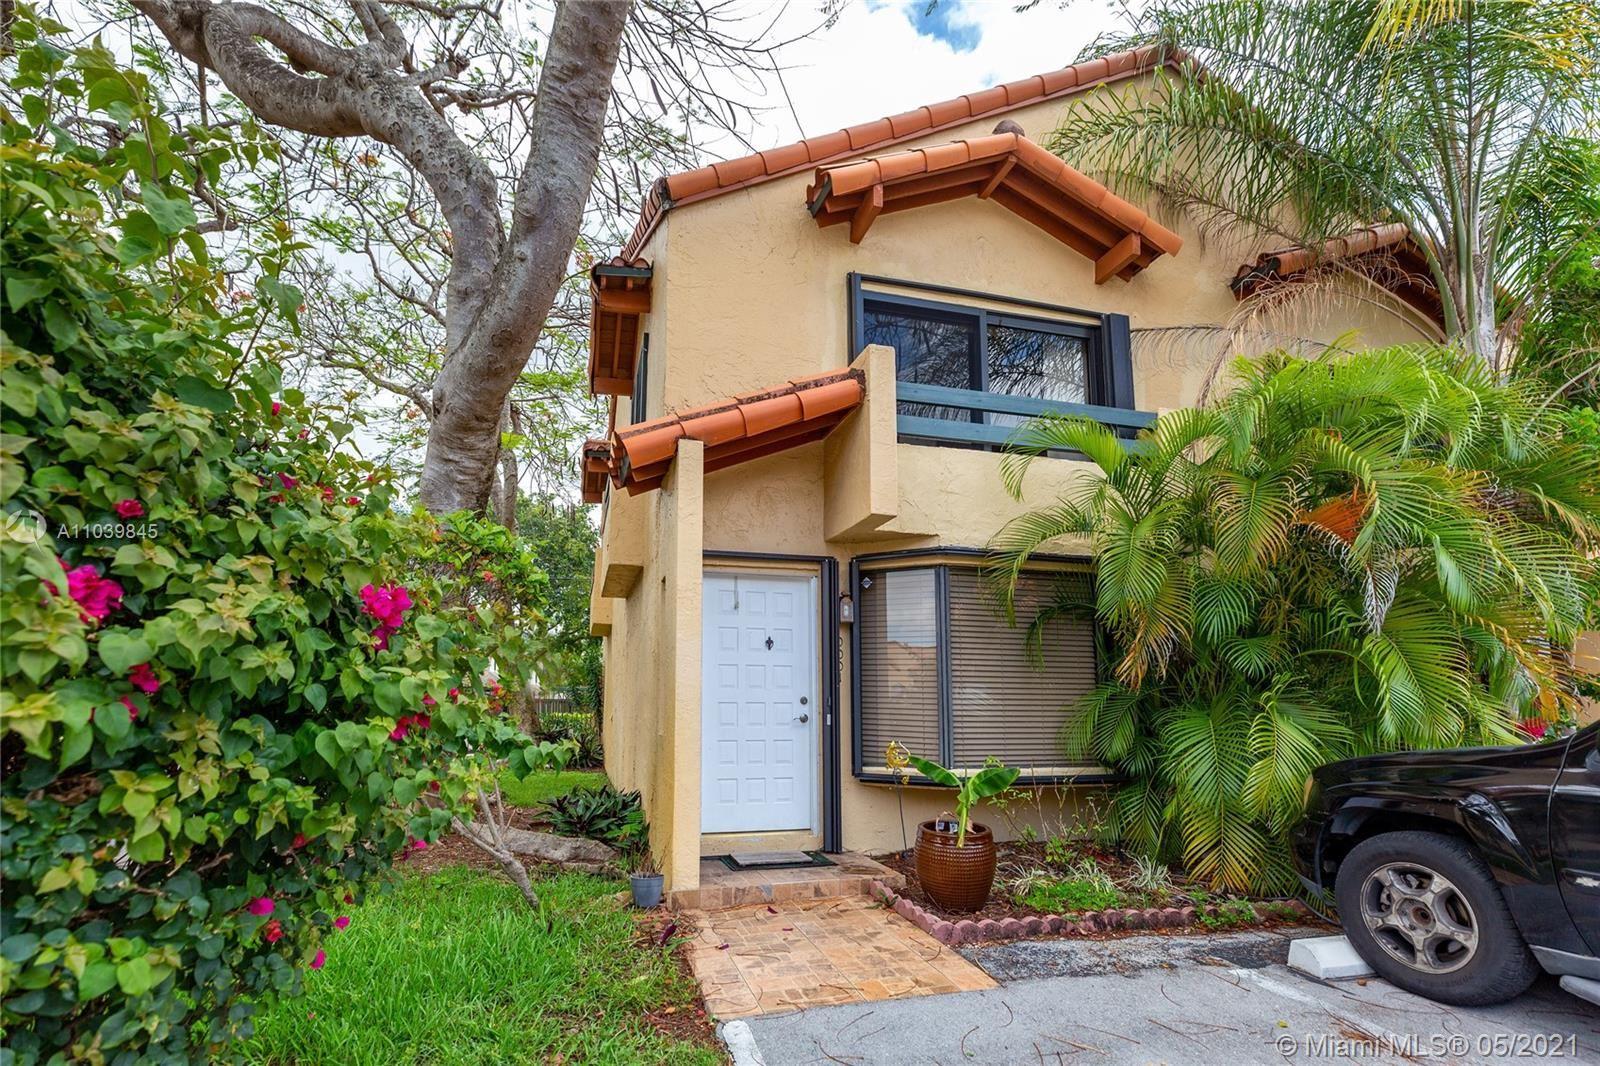 Photo of 10001 SW 77 CT #10001, Miami, FL 33156 (MLS # A11039845)